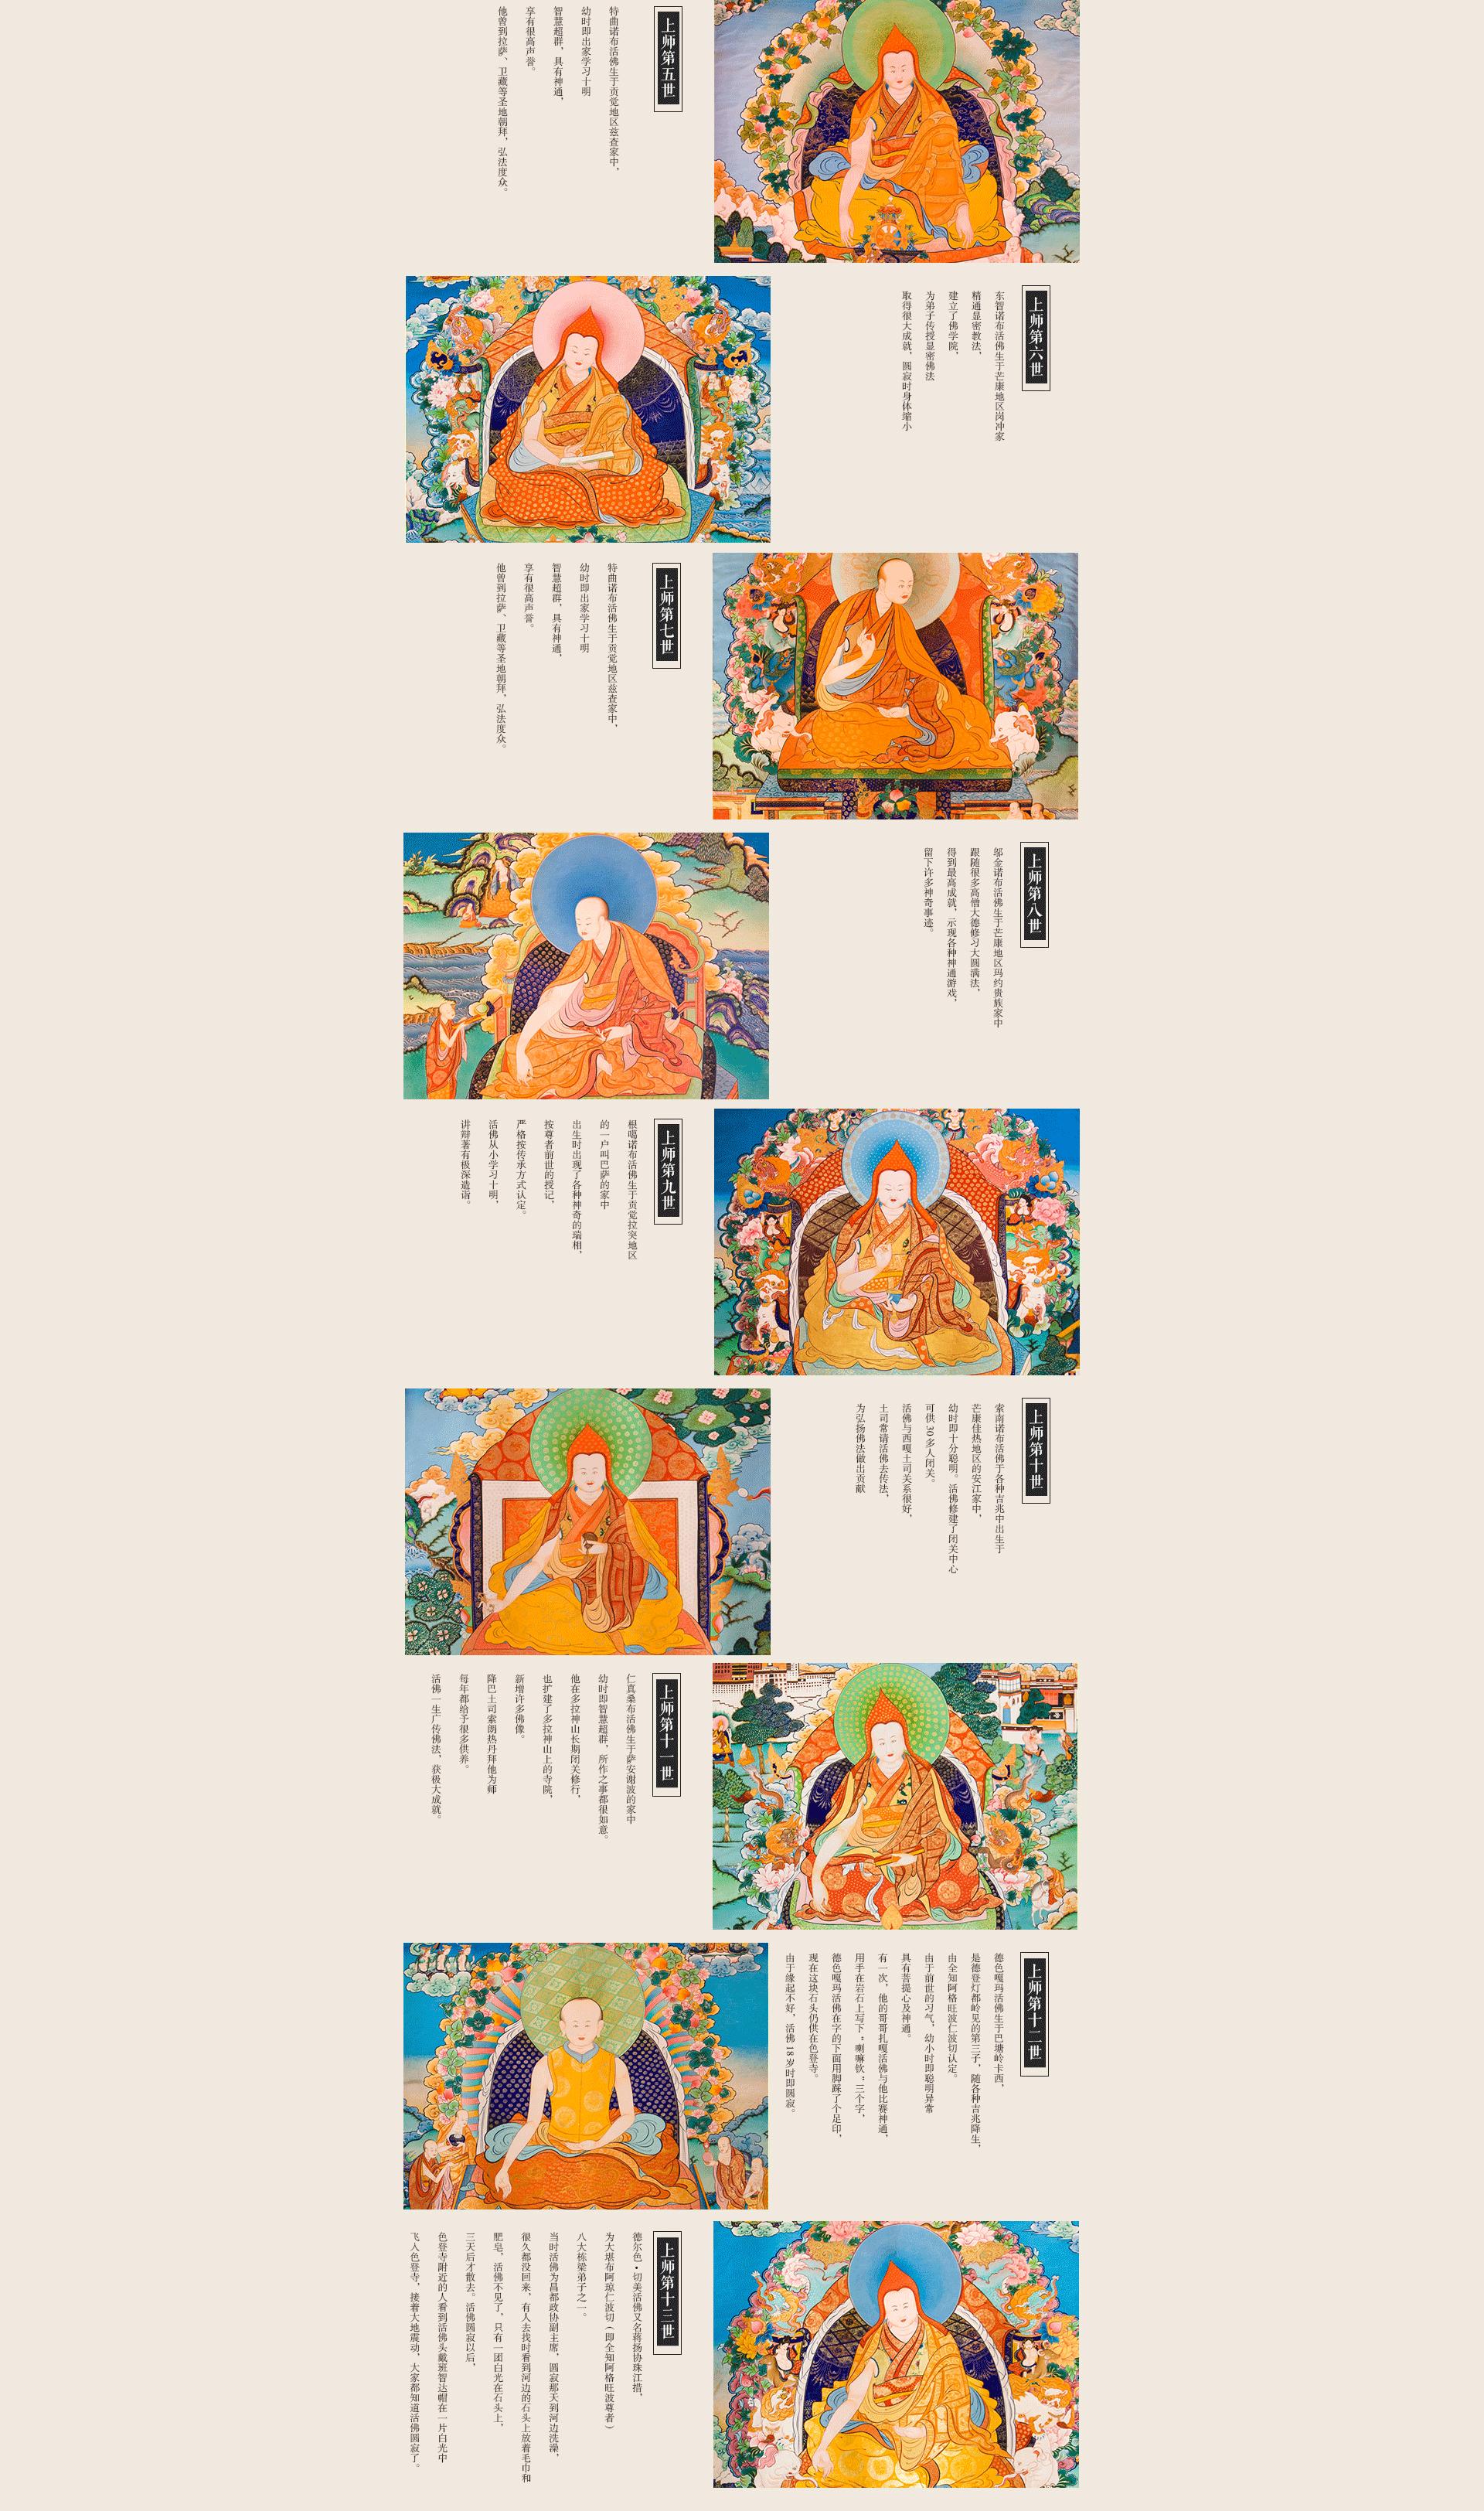 色登寺详情页|网页|专题/活动|水尧儿 - 原创作品